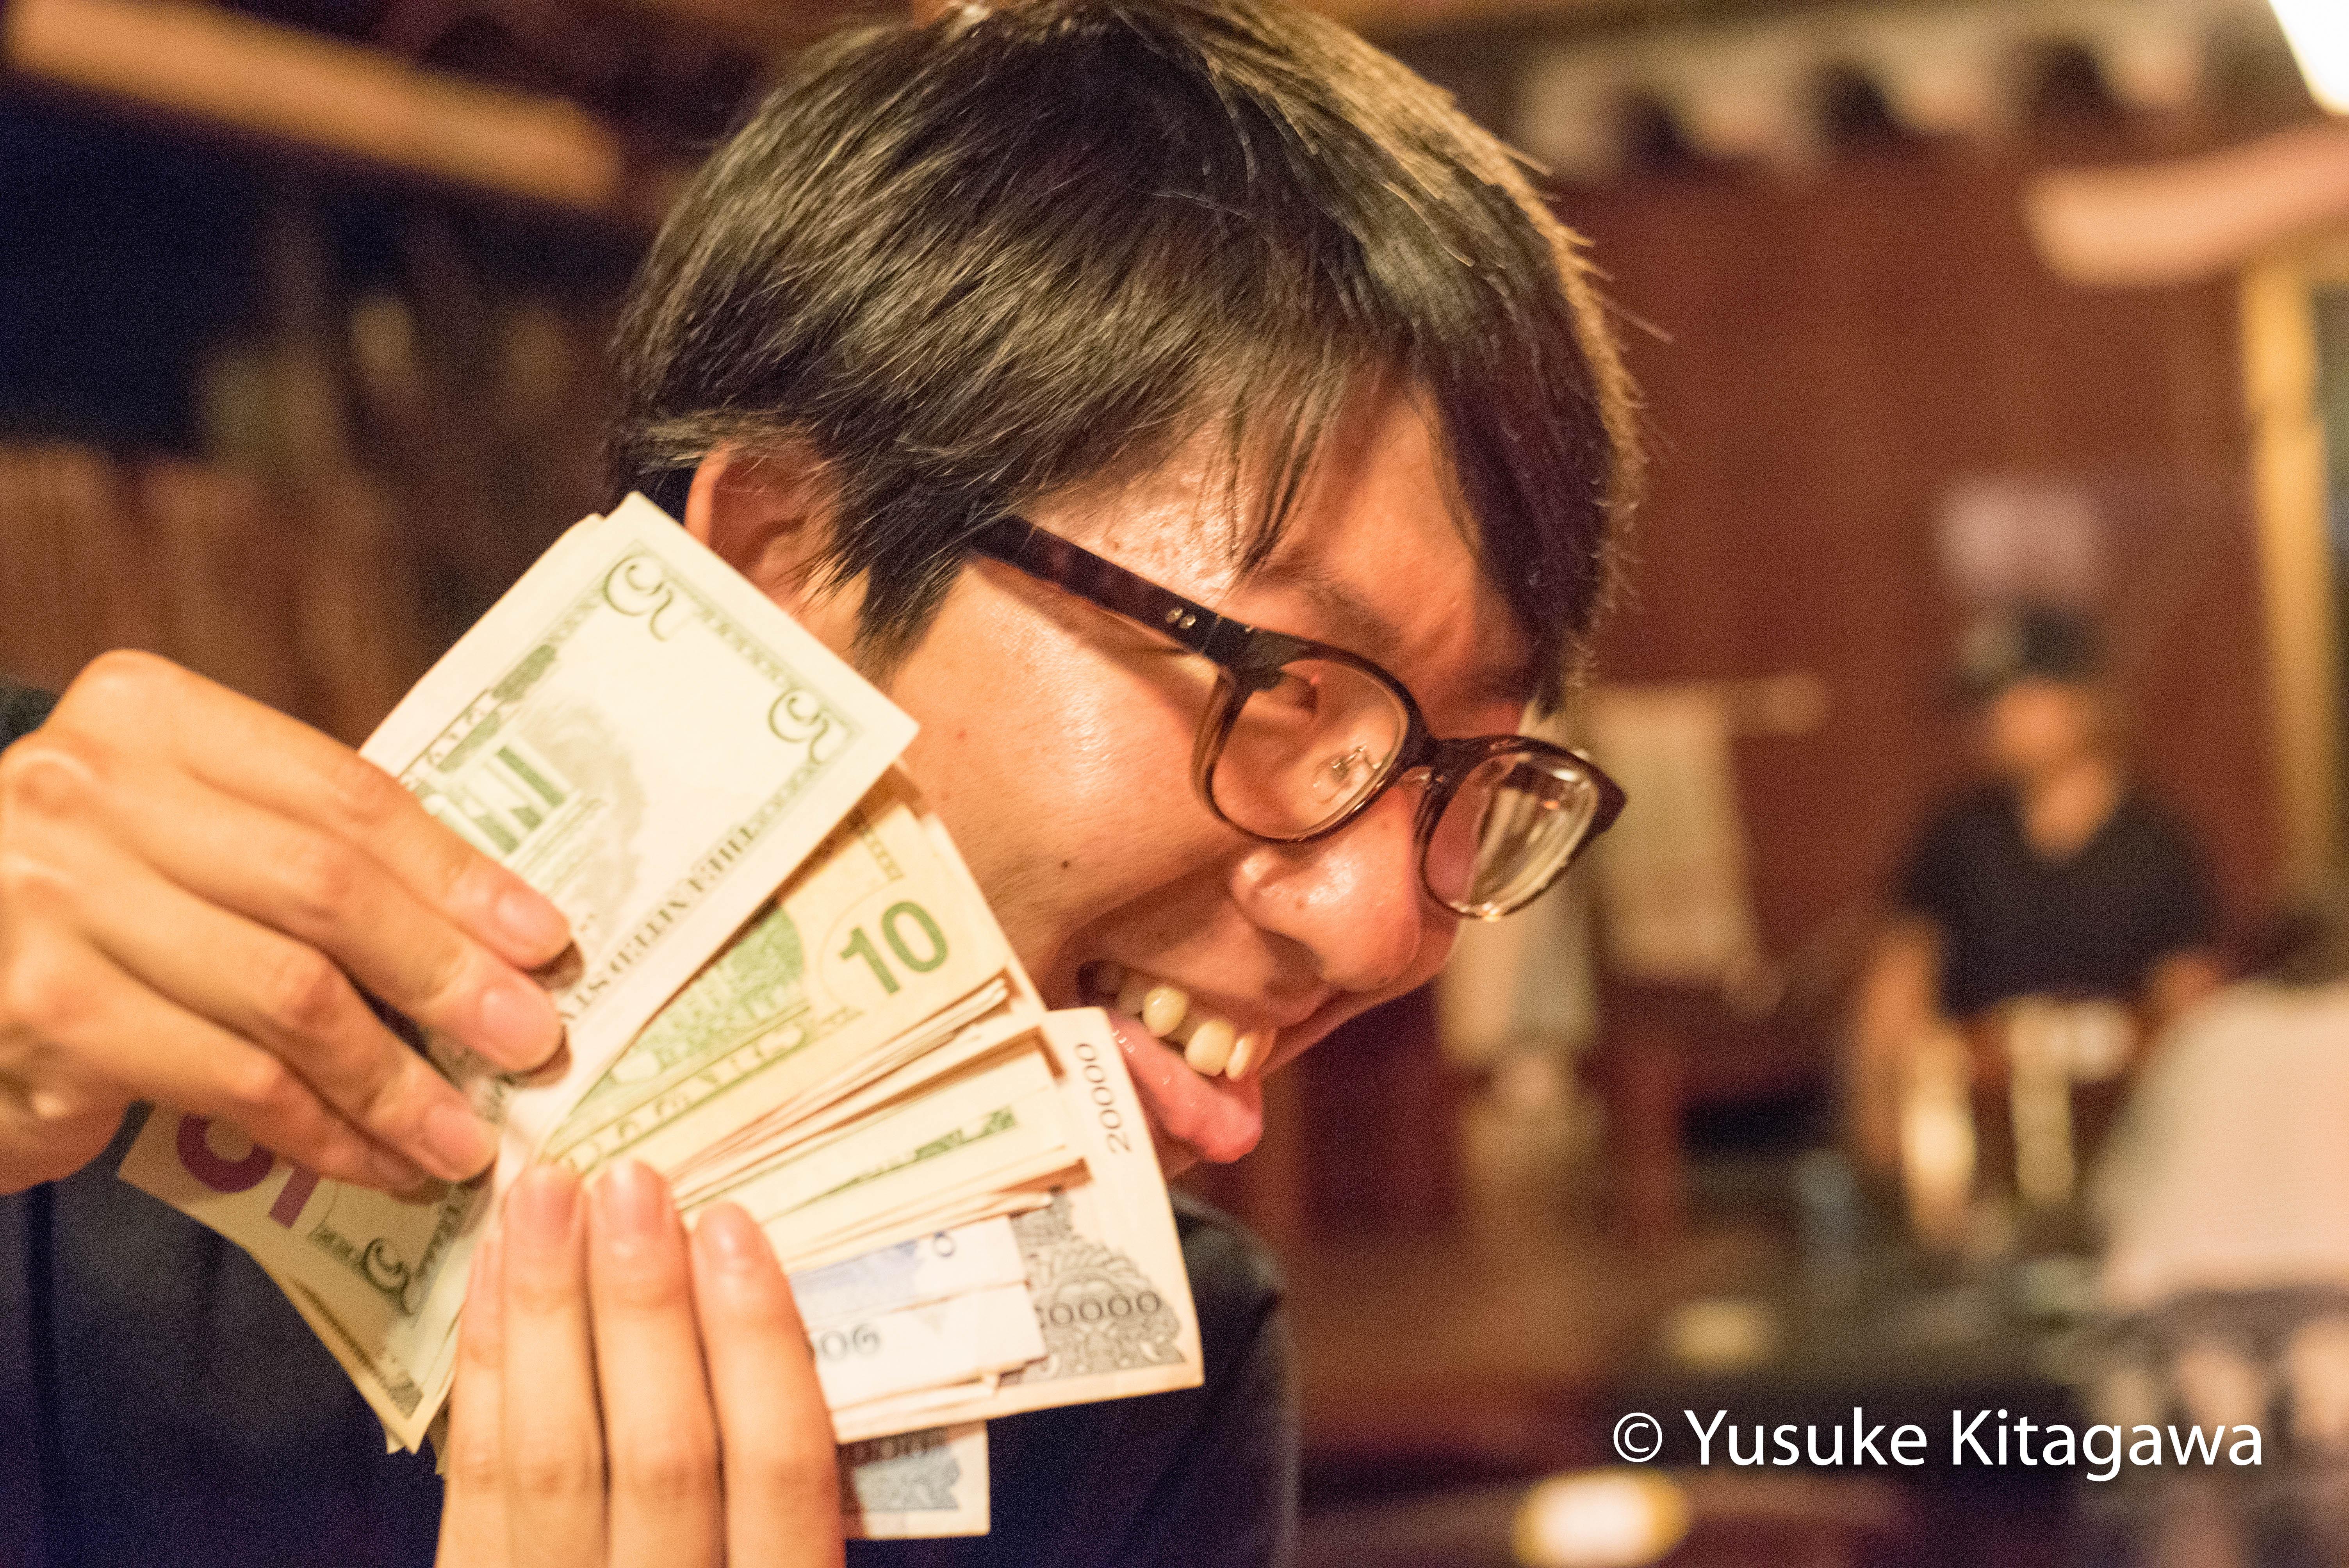 お金の稼ぎ方も大事だけど、お金の使い方を考えたほうがいい。